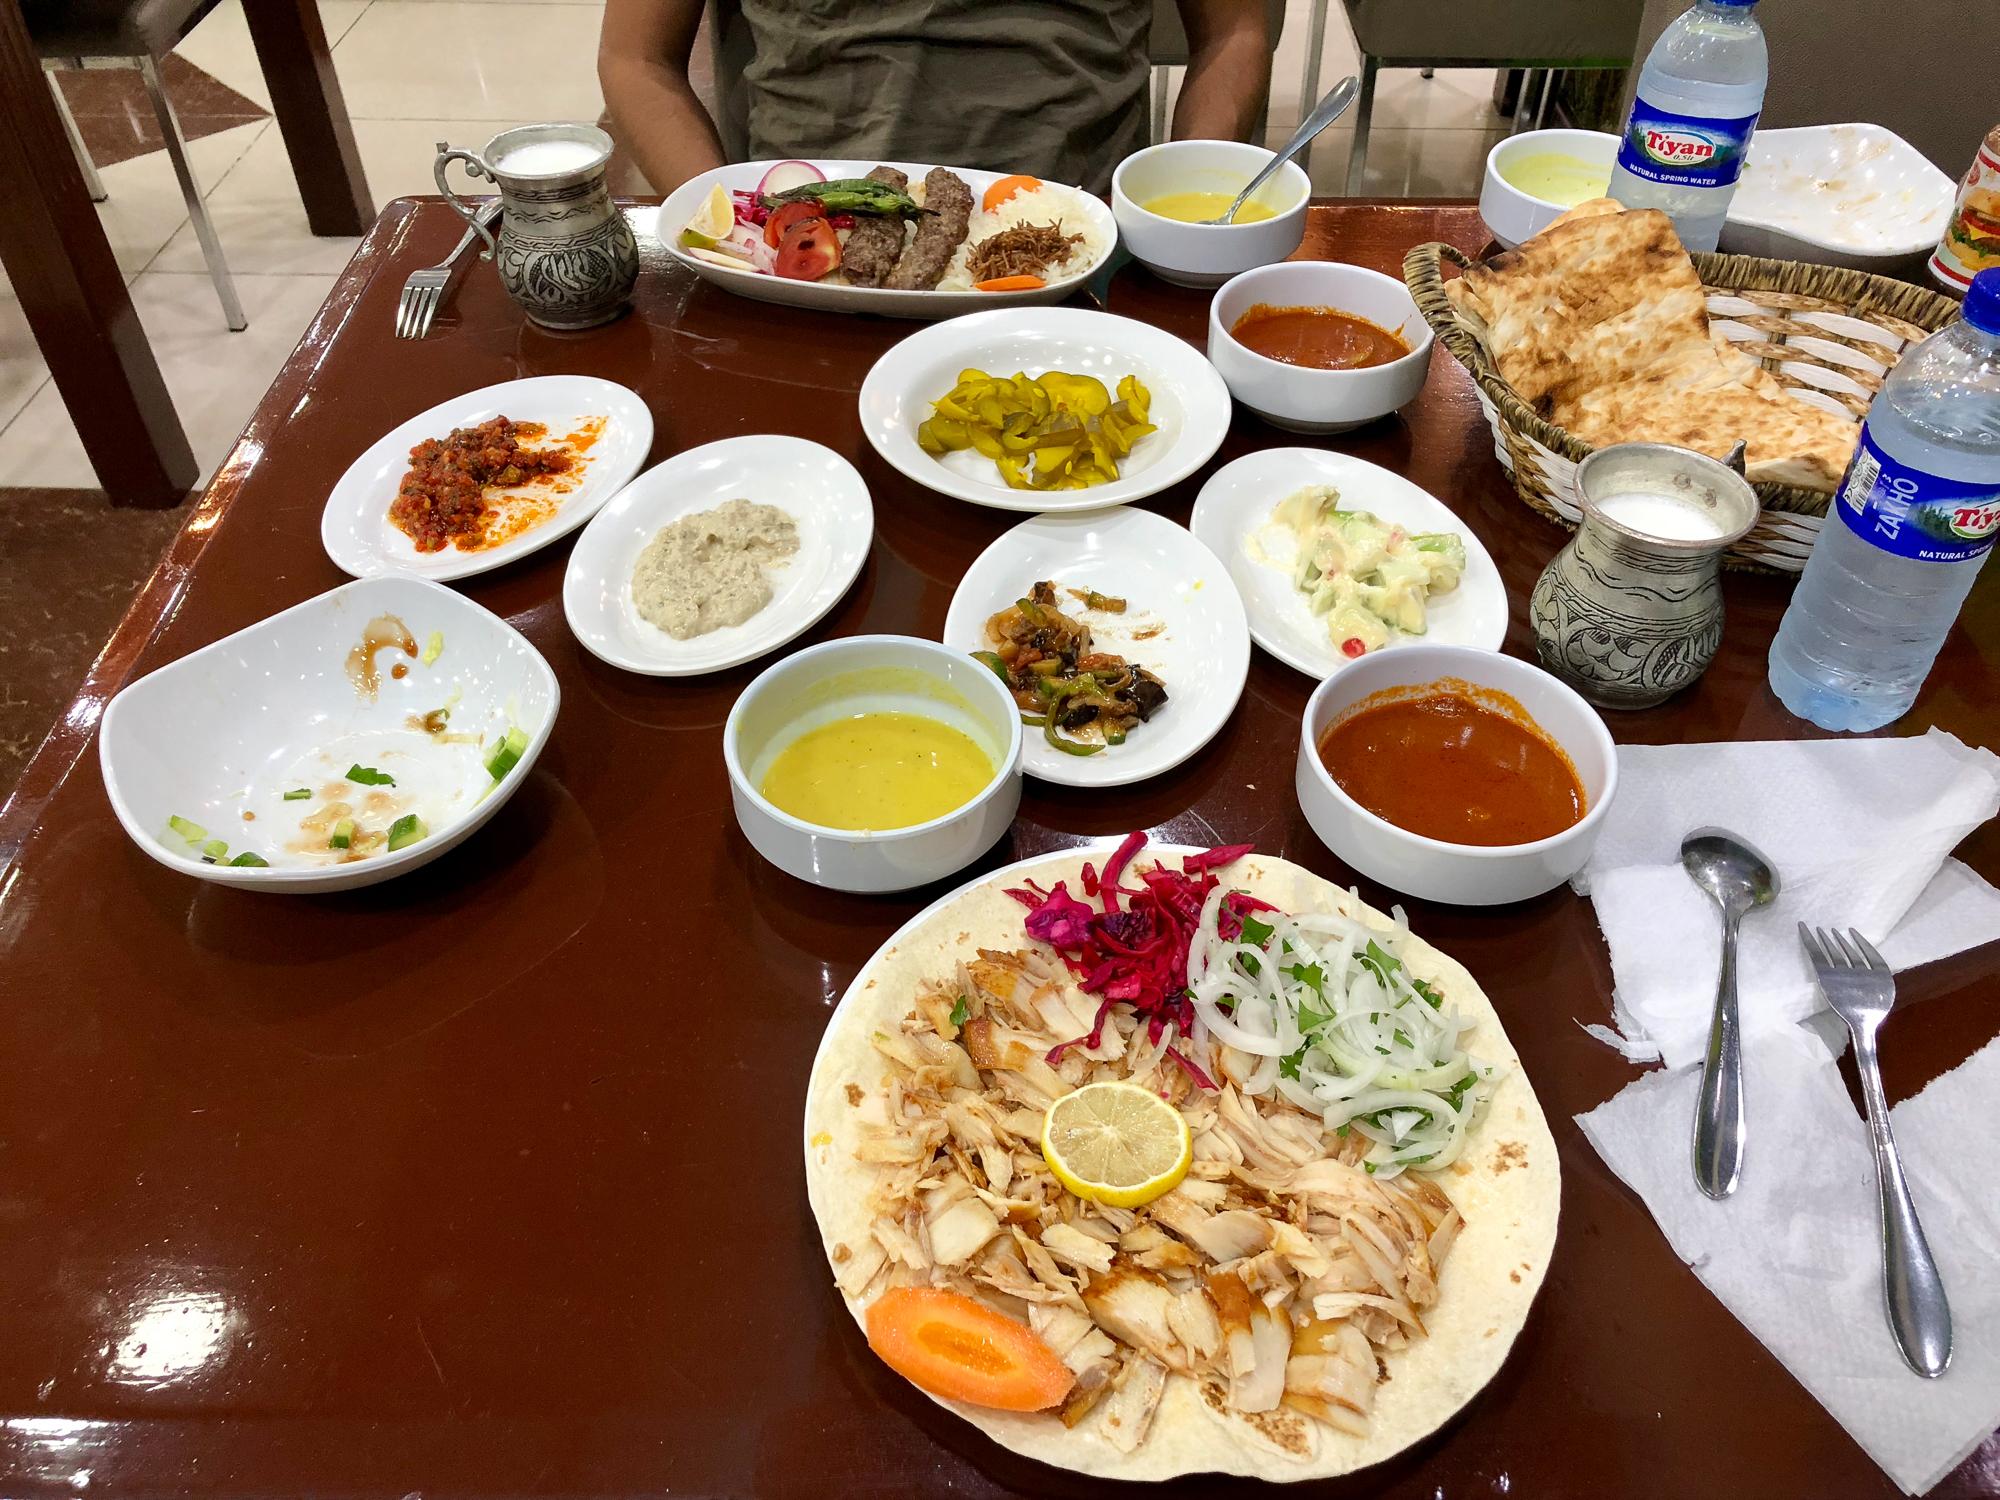 The last dinner in Zakho